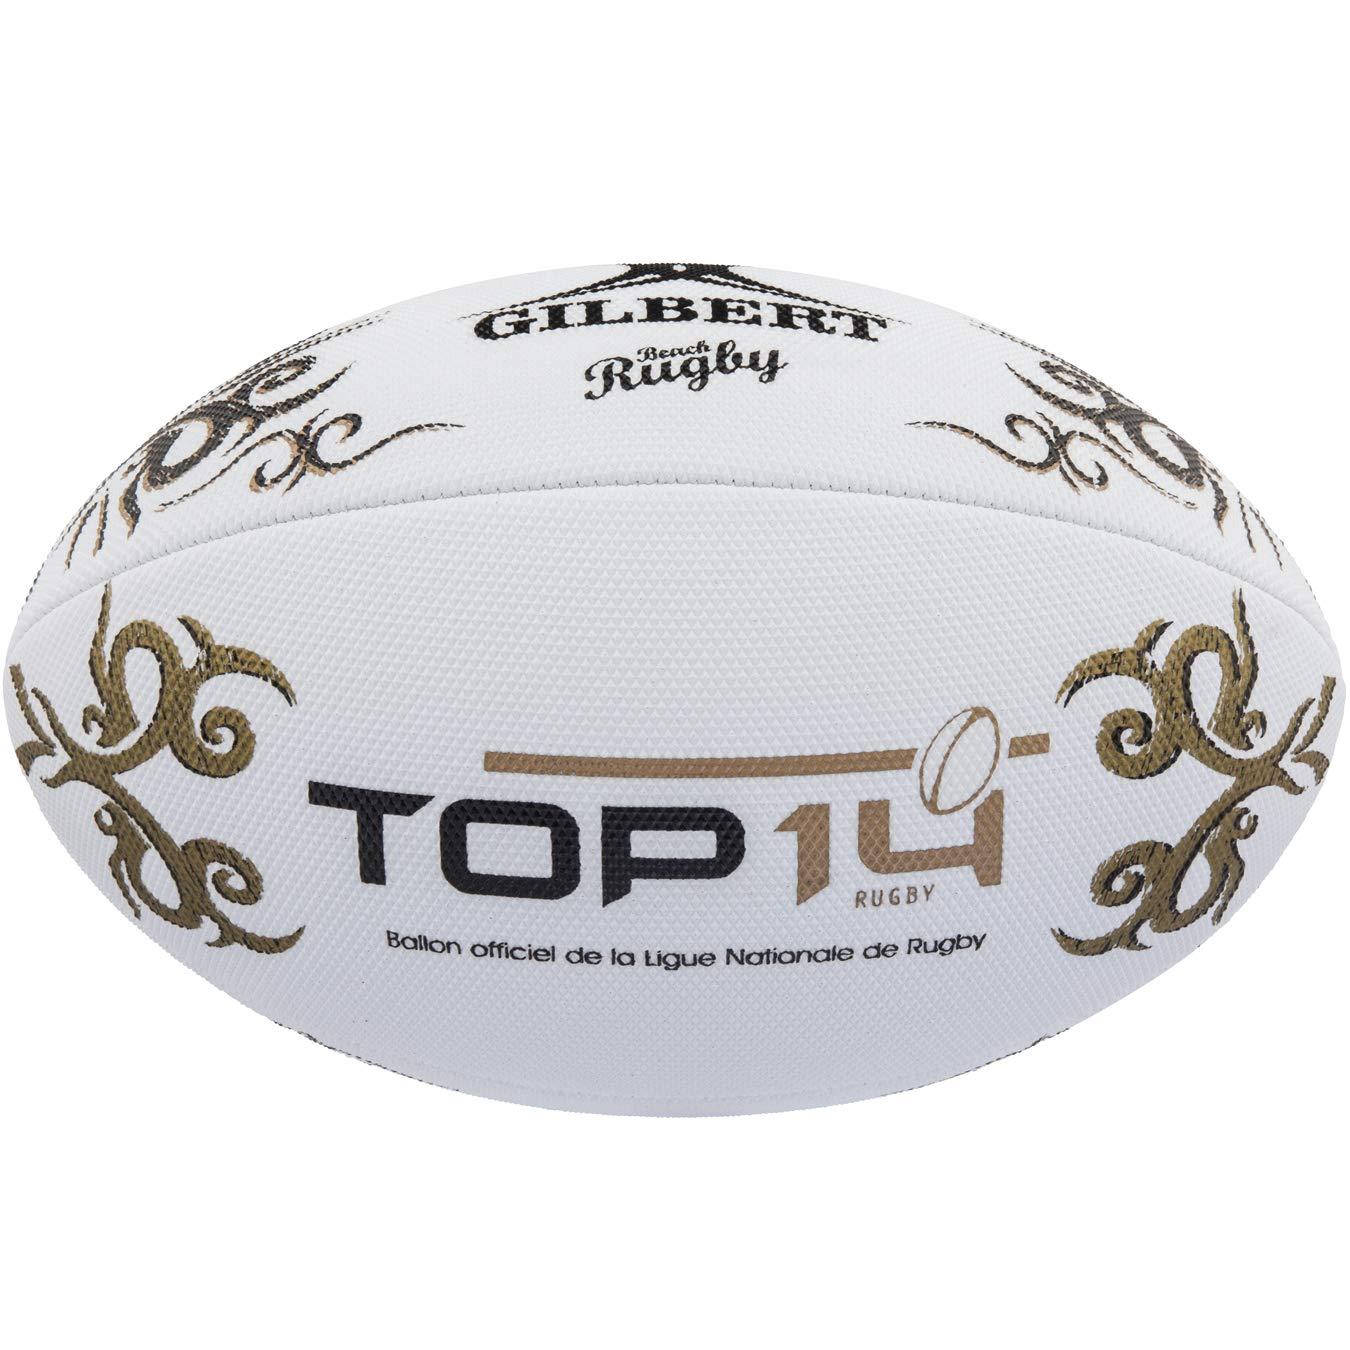 Gilbert Ballon Beach Rugby - Top 14 Gilbert - BALLON BEACH TOP 14